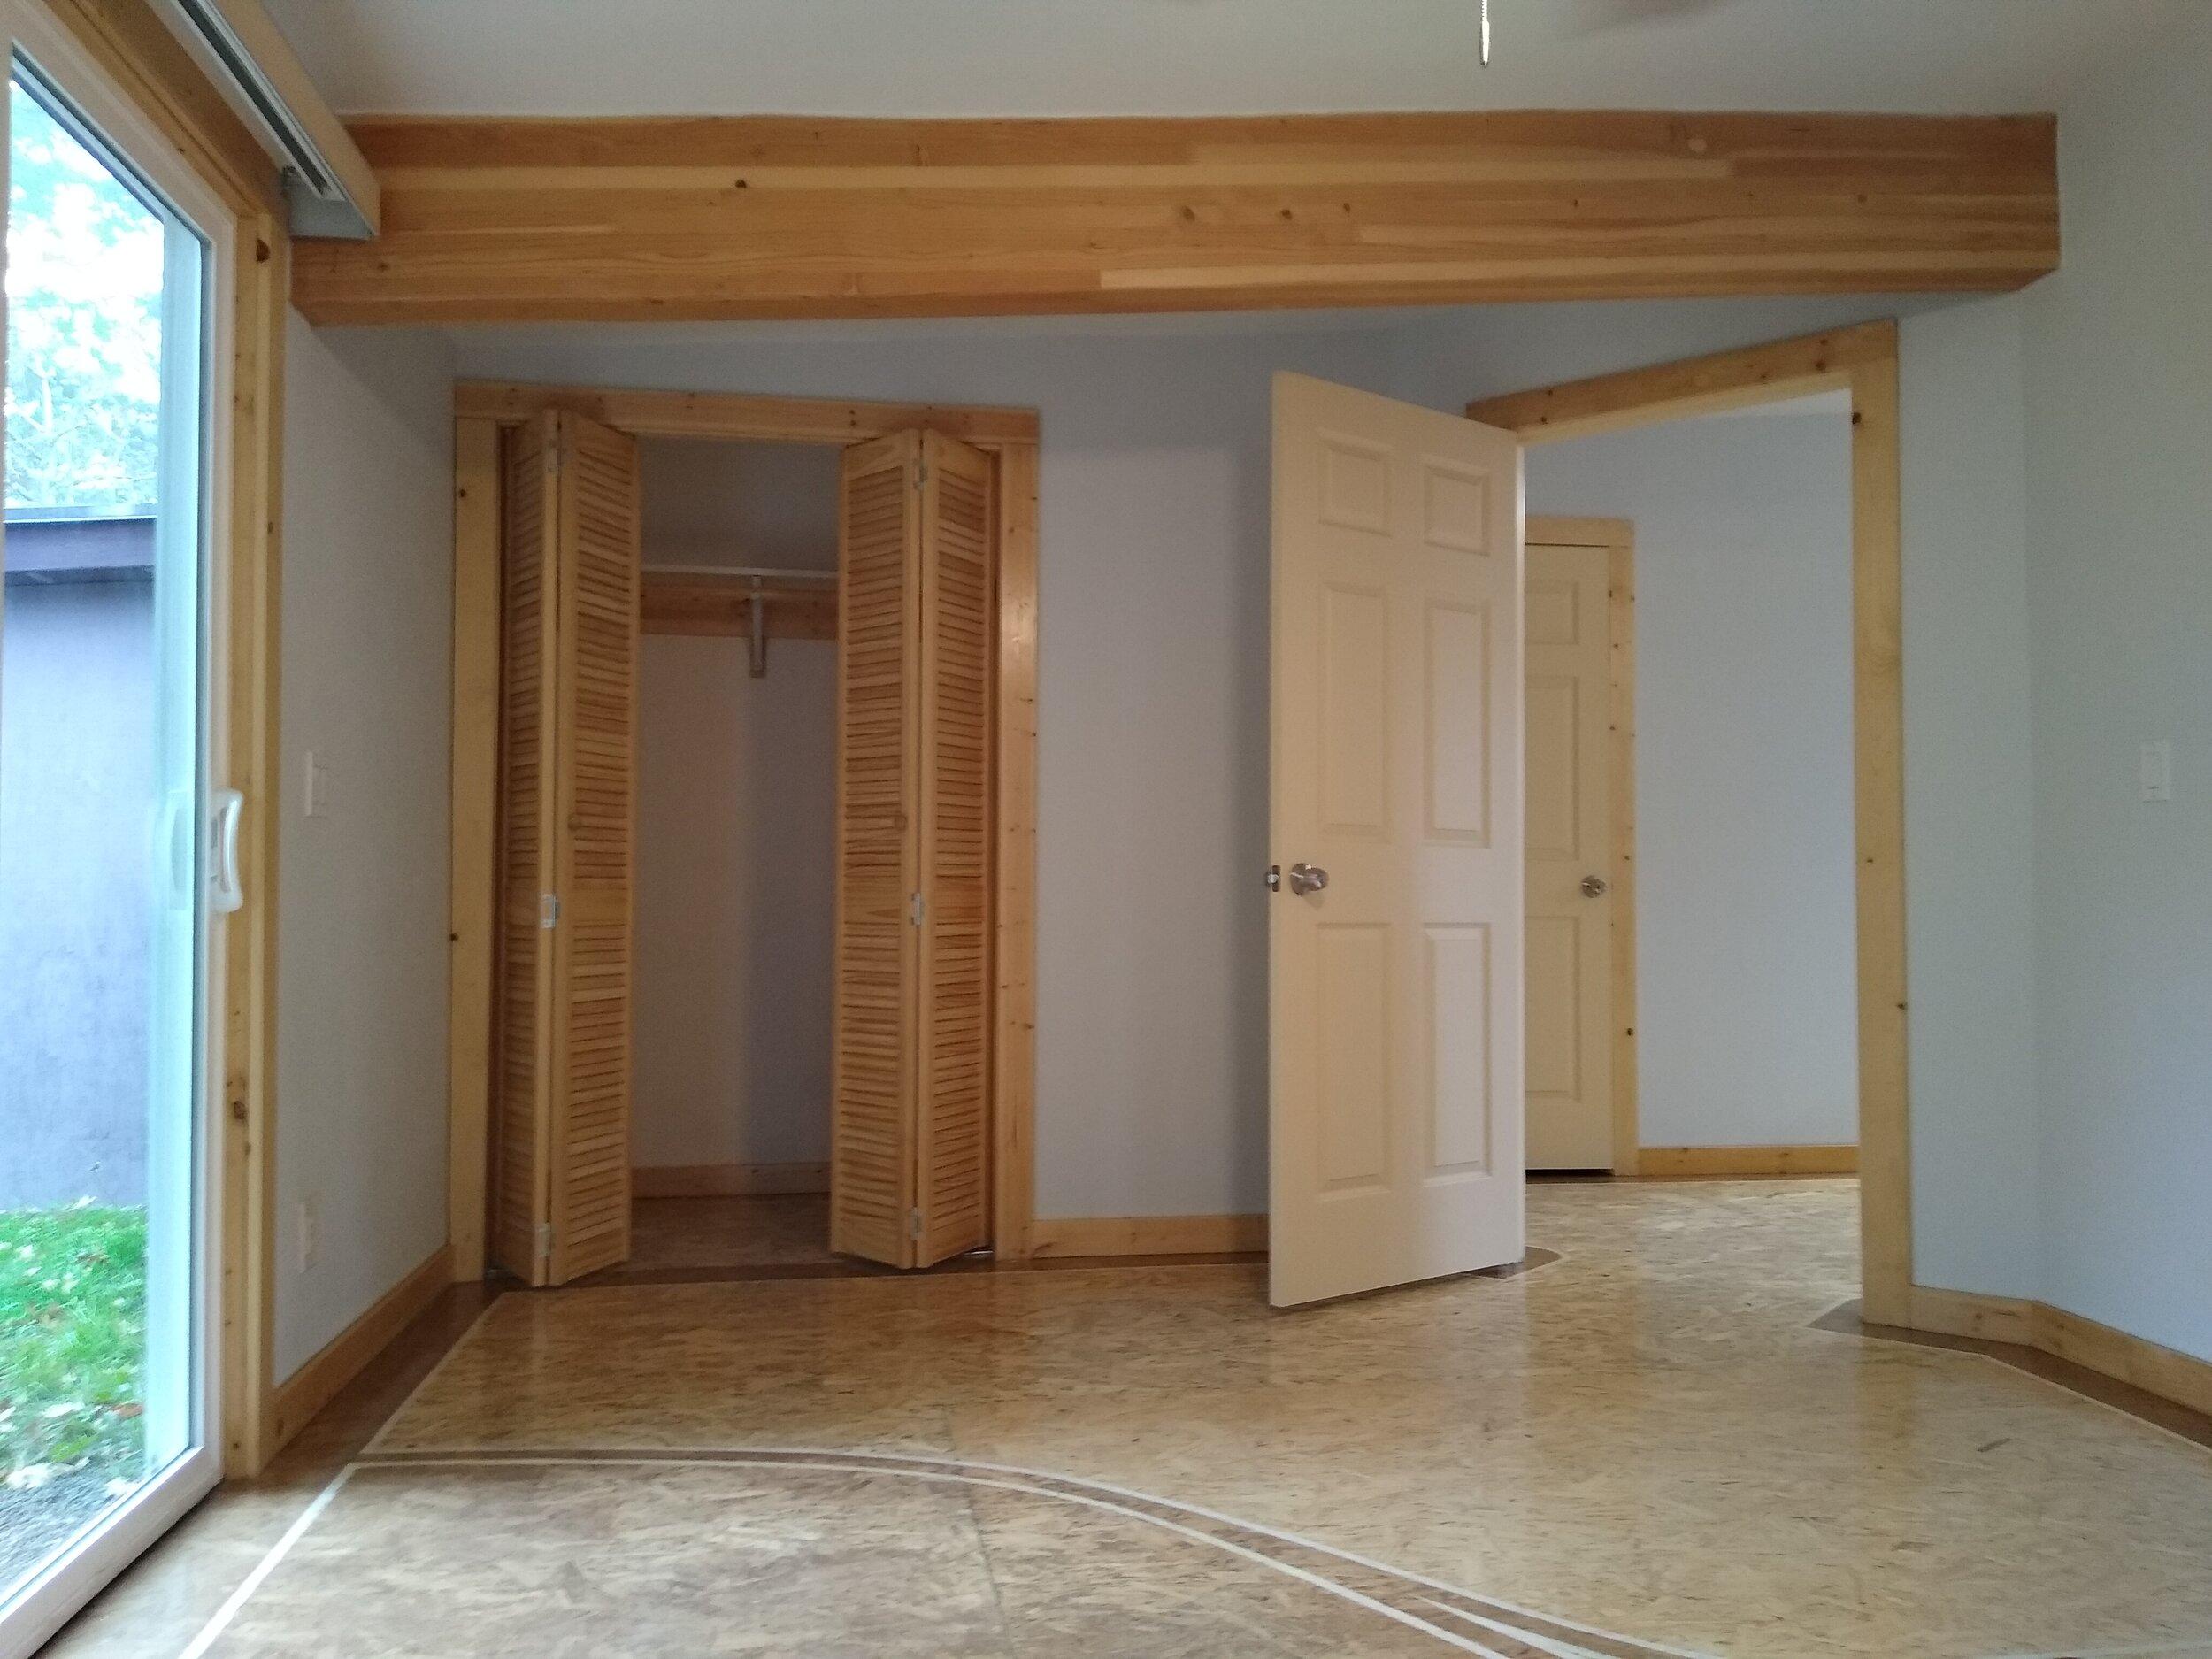 331 mcclaine 1 bedroom (2).jpg